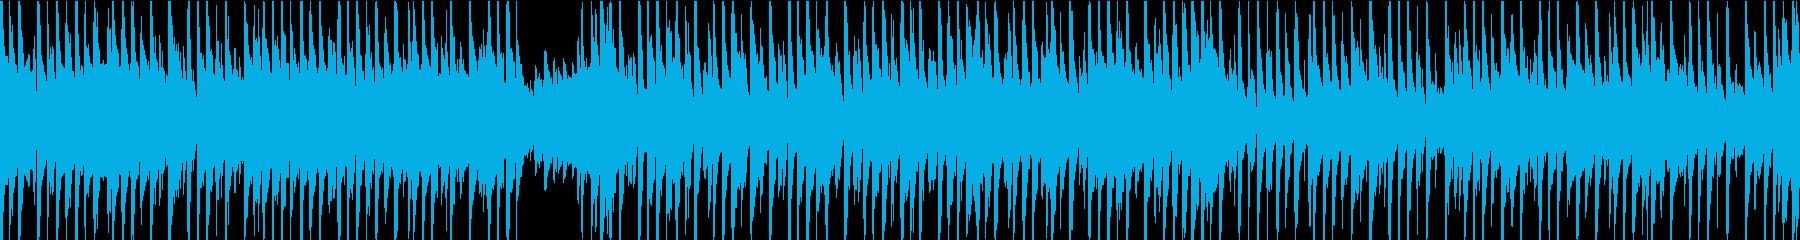 楽しくてアクション満載のレトロなビ...の再生済みの波形